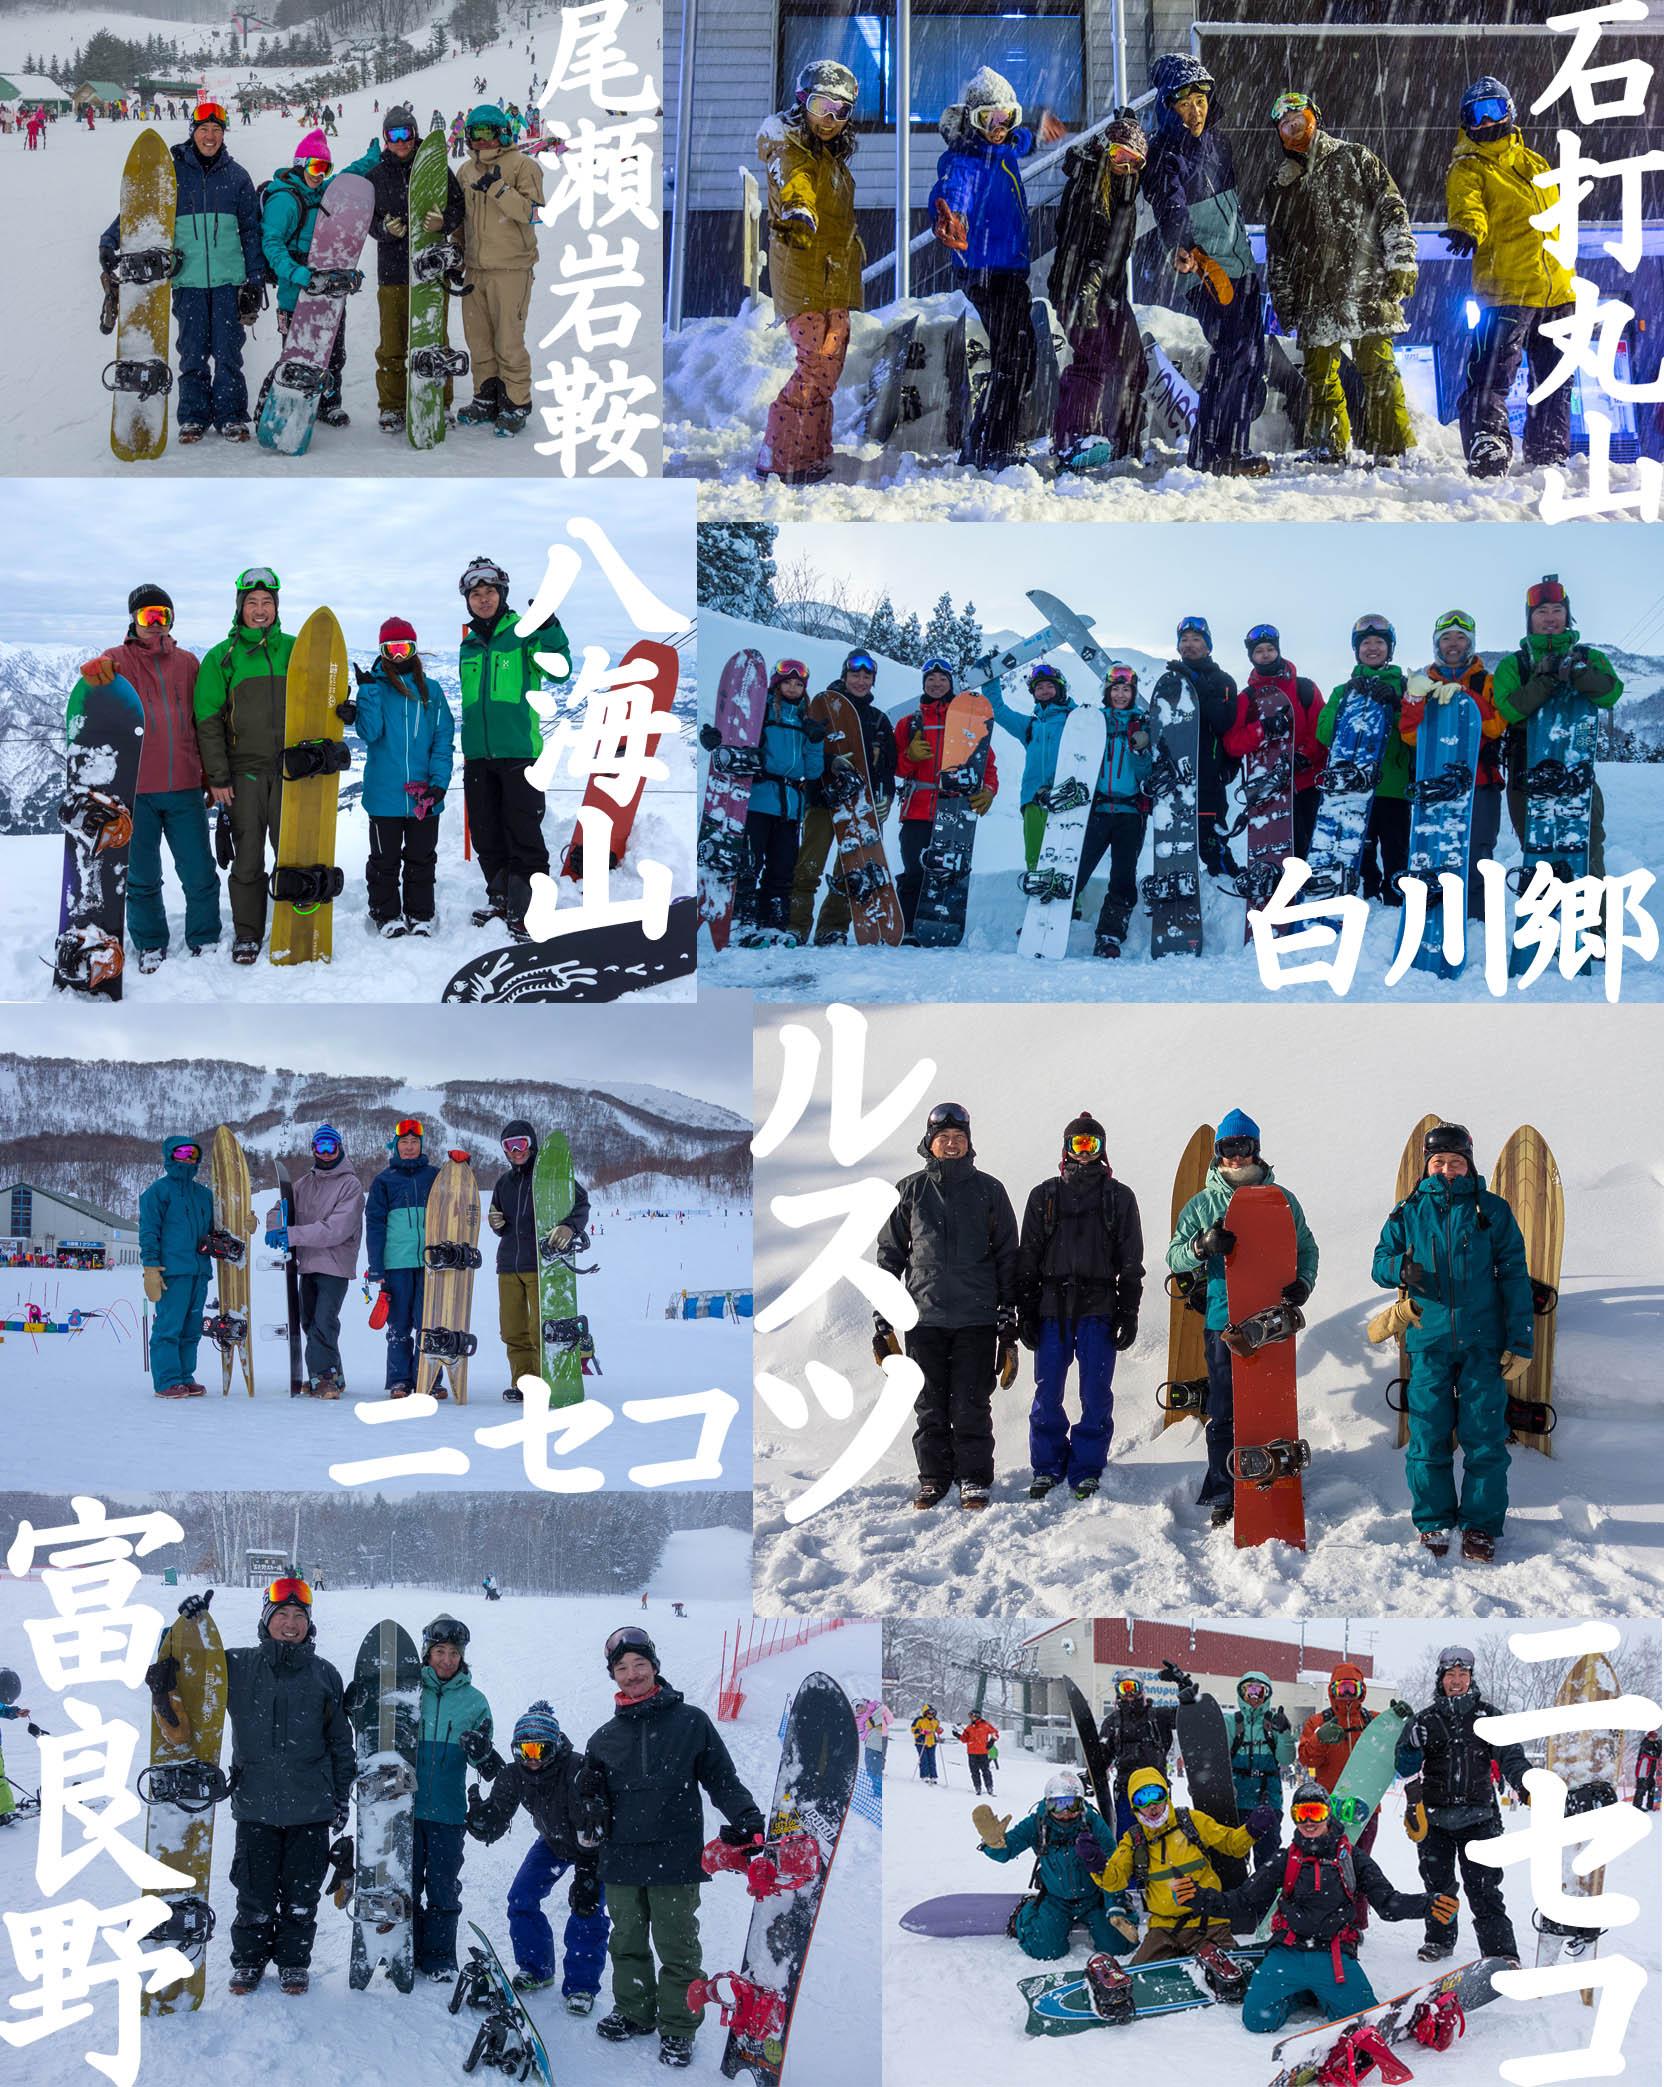 2014-15_winter_final_1.jpg